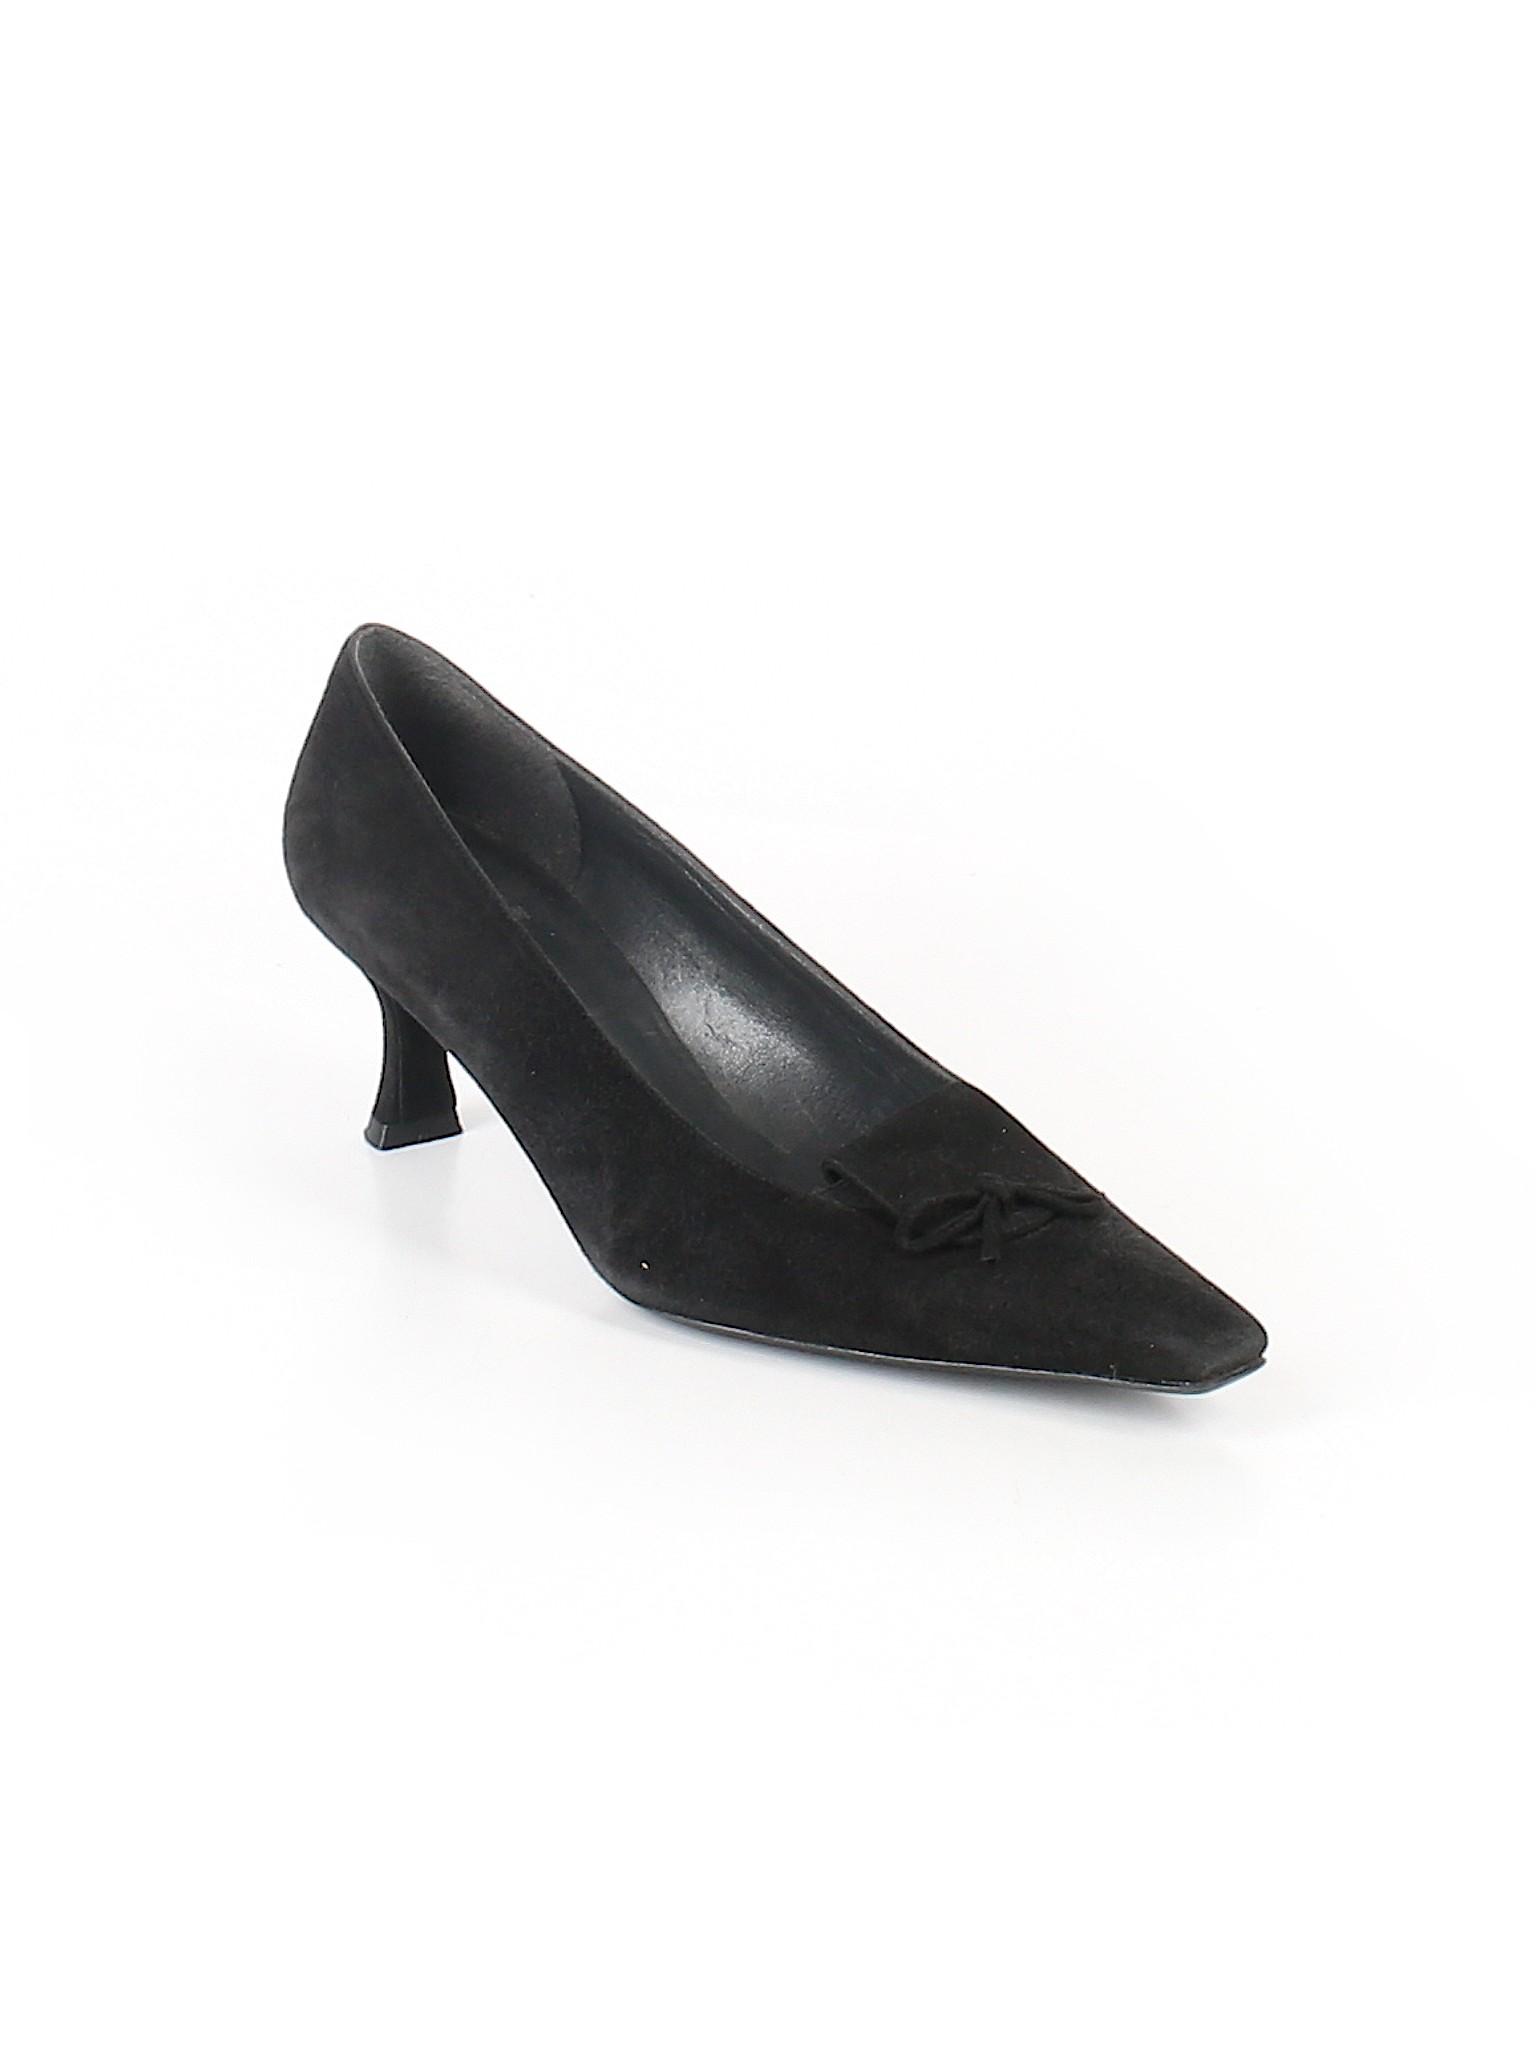 Boutique Stuart Boutique Weitzman Heels promotion promotion zdqFxpz